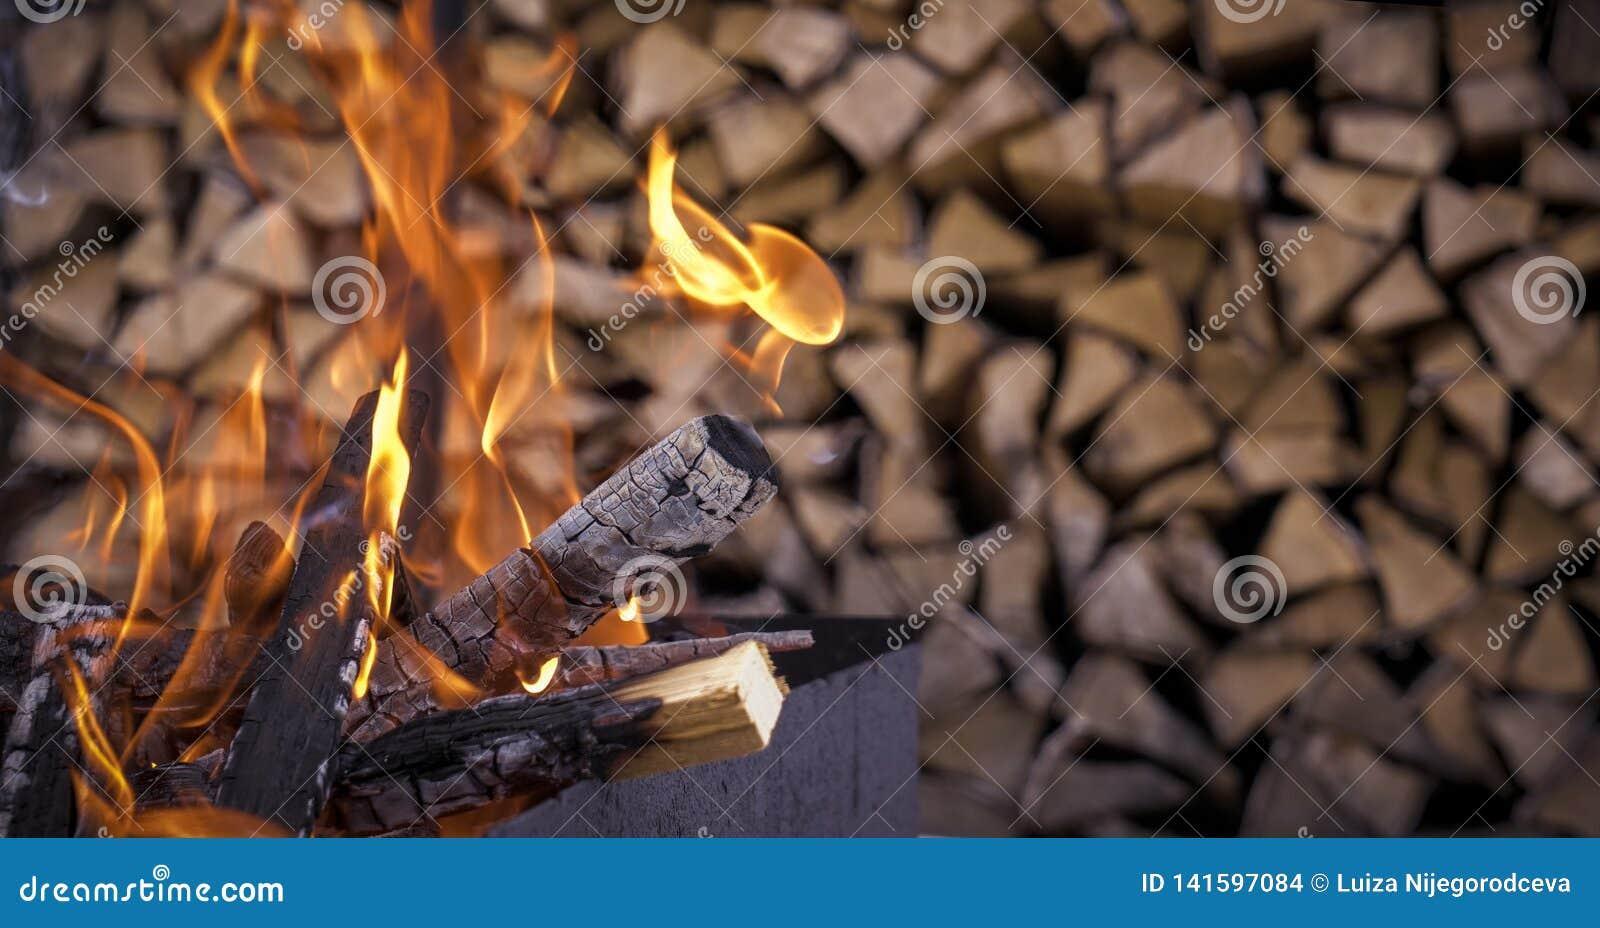 Le feu sur le fond du bois de chauffage